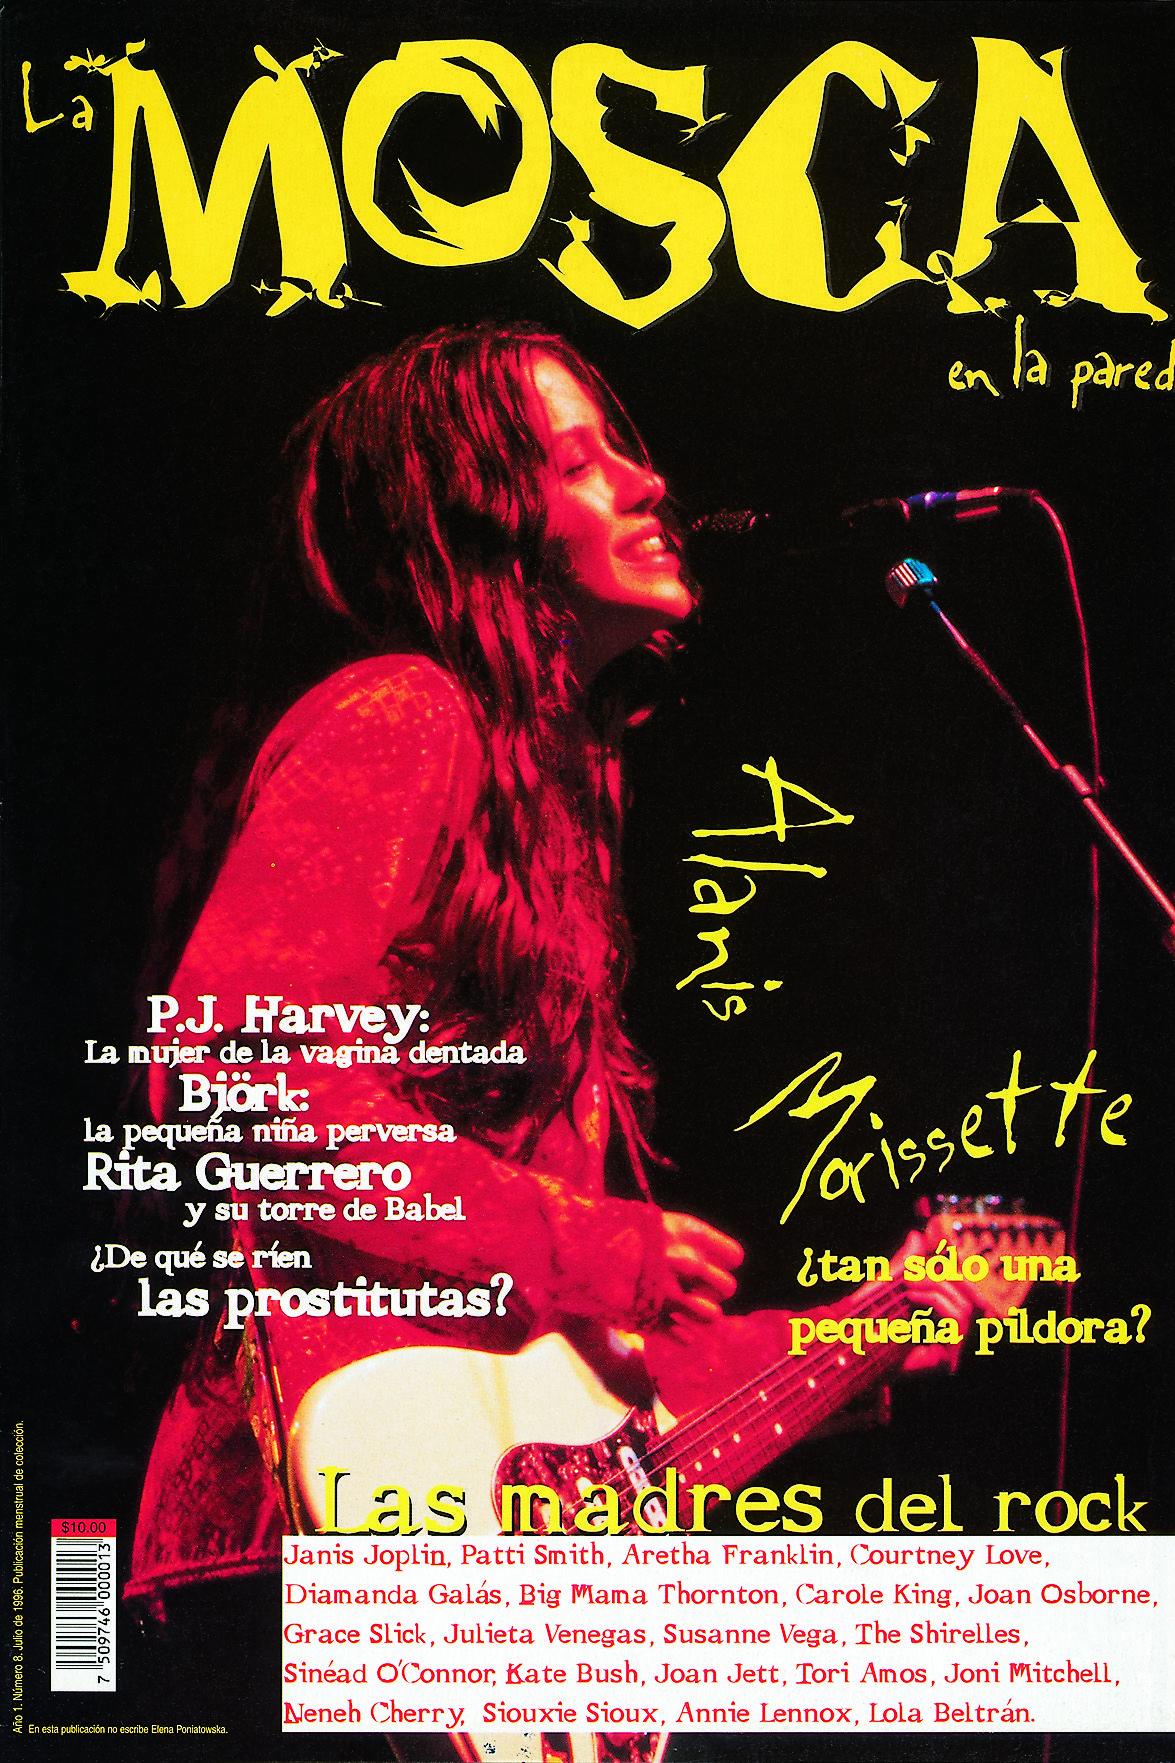 Nuestro primer número dedicado al rock y las mujeres, el No. 8, aparecido en julio de 1996. La leyenda inferior advertía: en este número no escribe Elena Poniatowska.